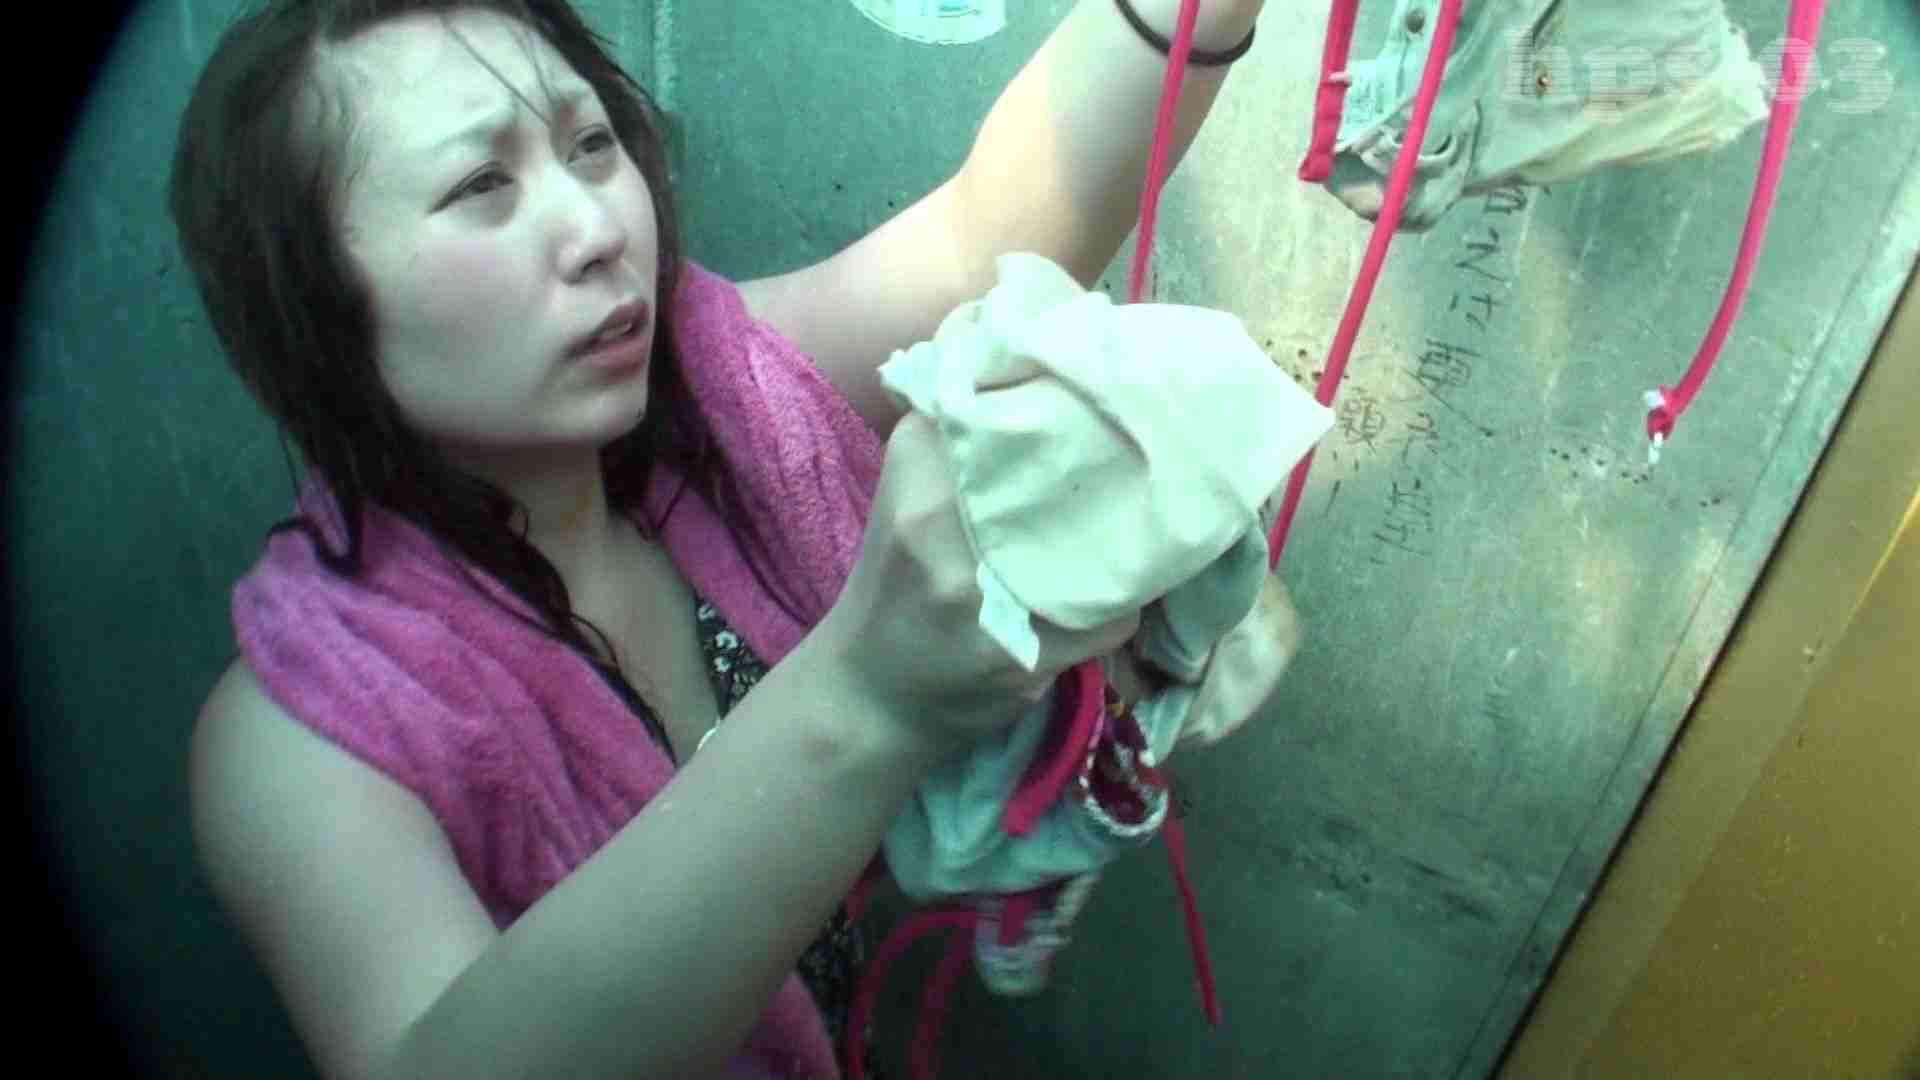 シャワールームは超!!危険な香りVol.3 ハートのタトゥーちょっとプヨってます。 高画質  106枚 23